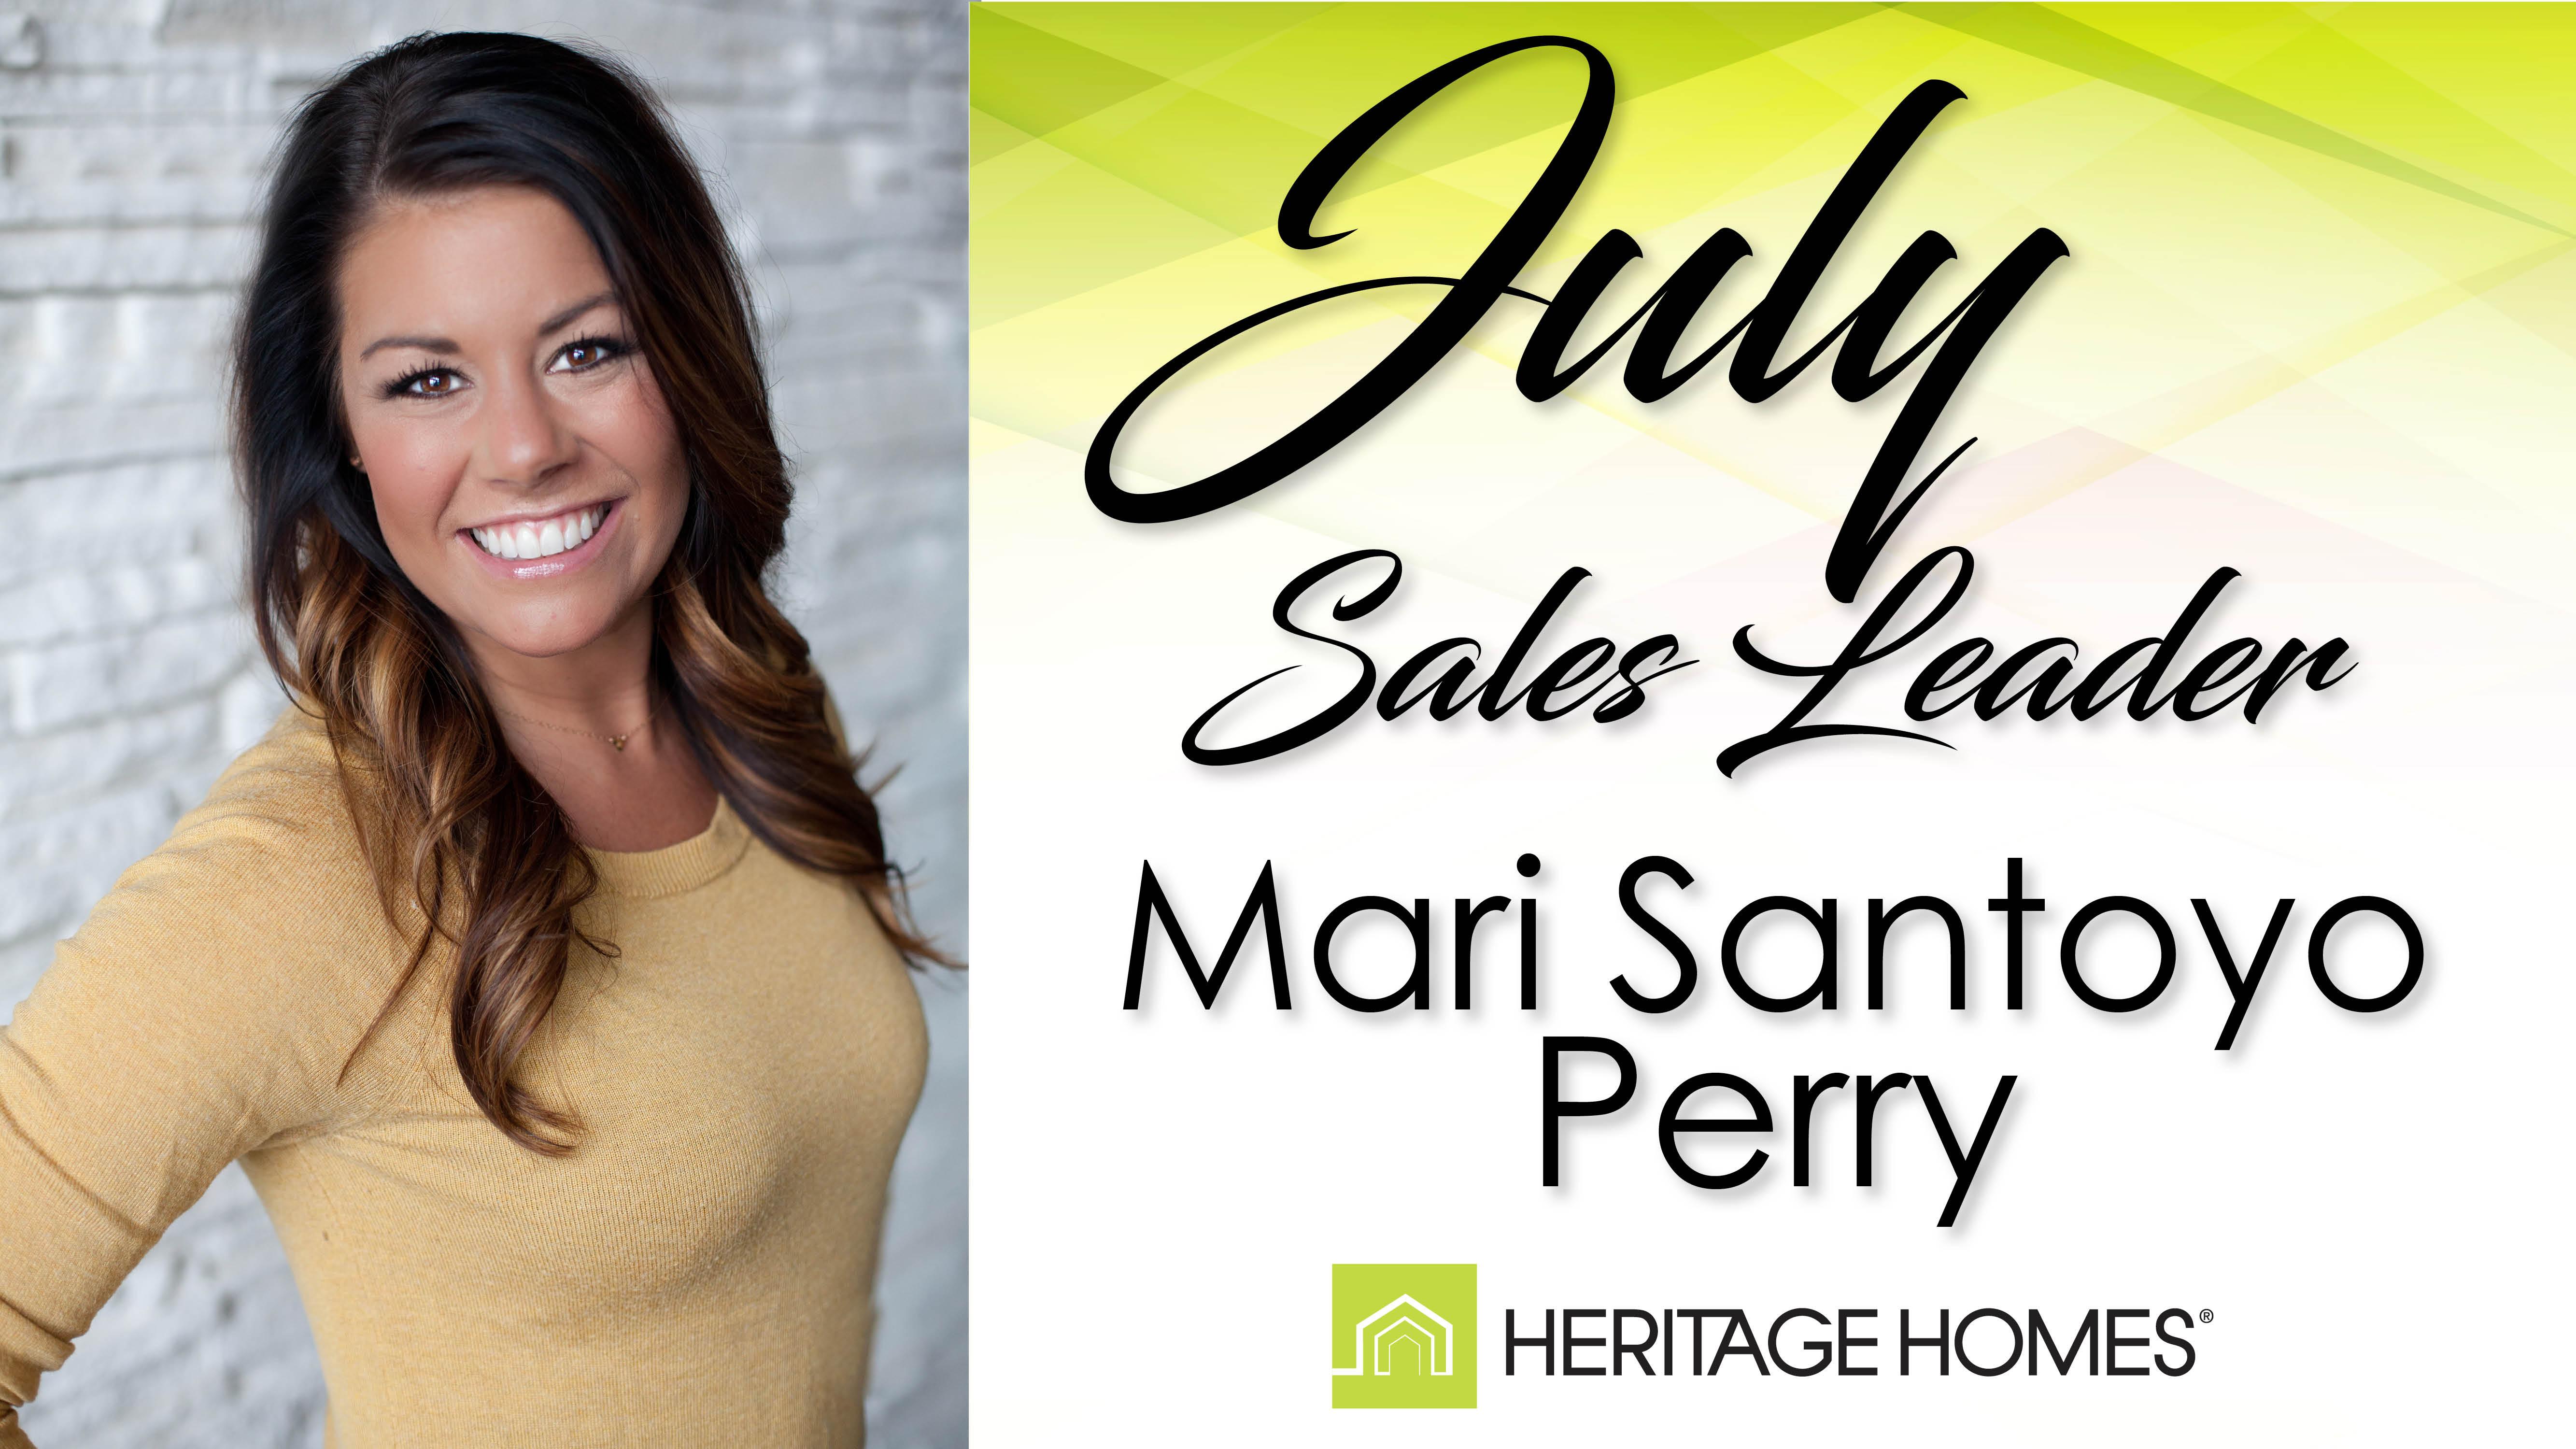 July Sales Leader – Mari Santoyo Perry